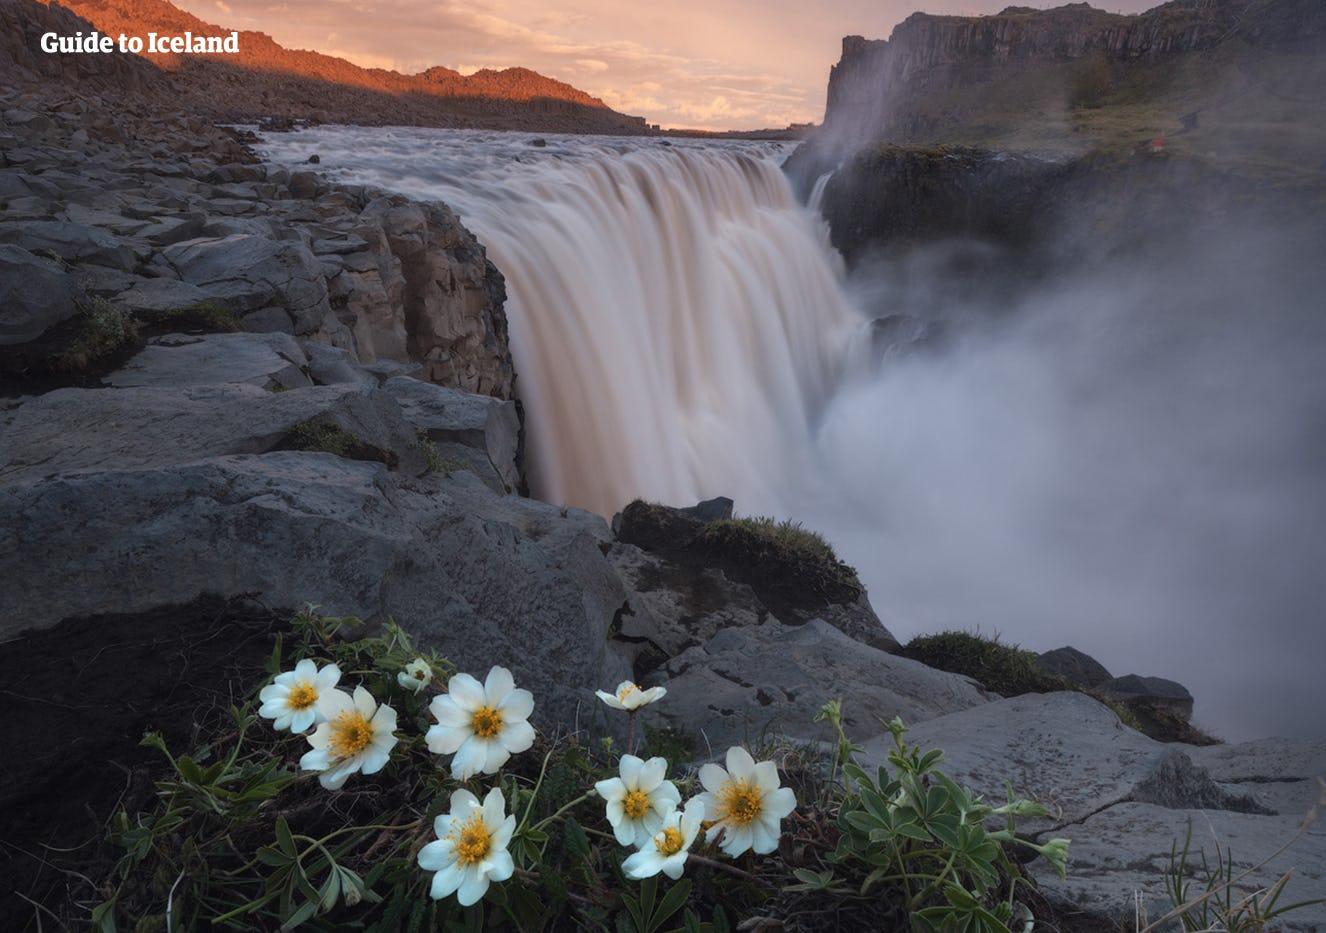 น้ำตกเดตติฟอสส์ ที่ยิ่งใหญ่ในทางไอซ์แลนด์ตะวันออกเฉียงเหนือ.